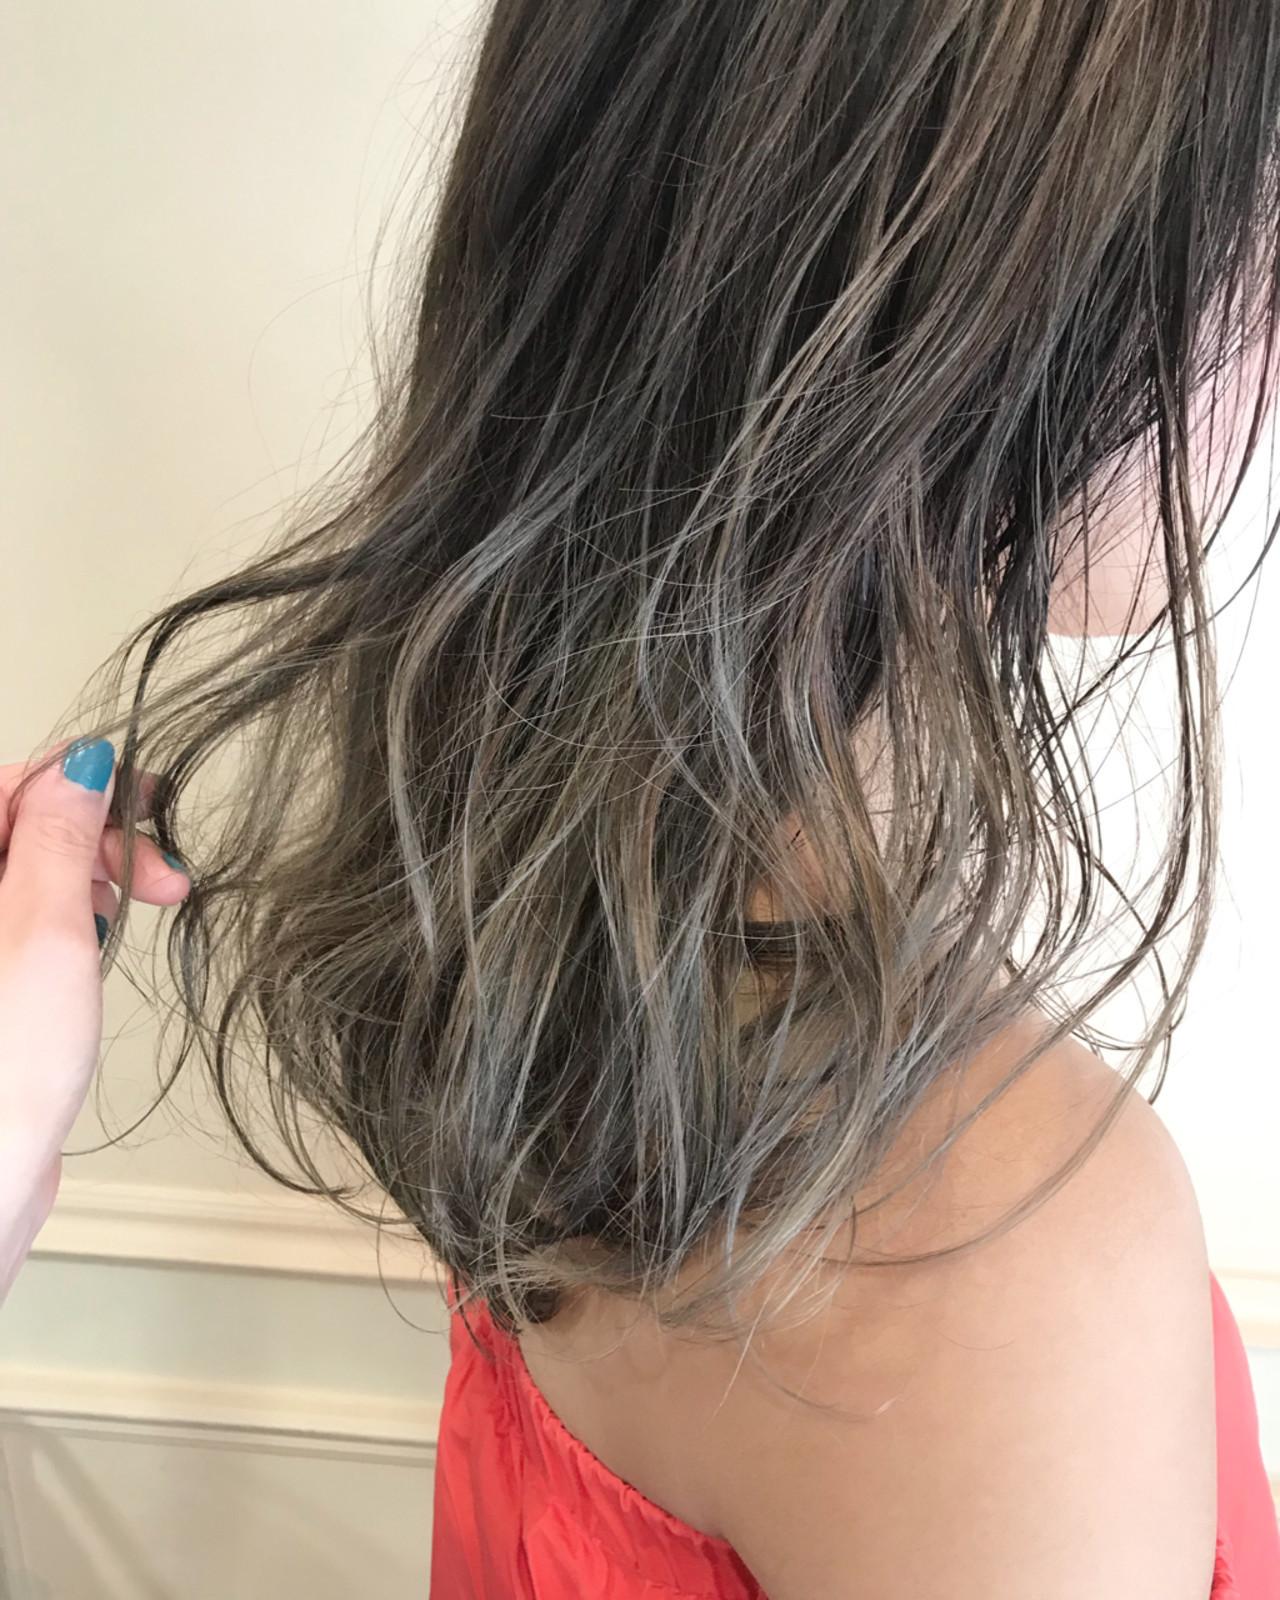 グラデーションカラー ロング ヘアアレンジ ハイライト ヘアスタイルや髪型の写真・画像